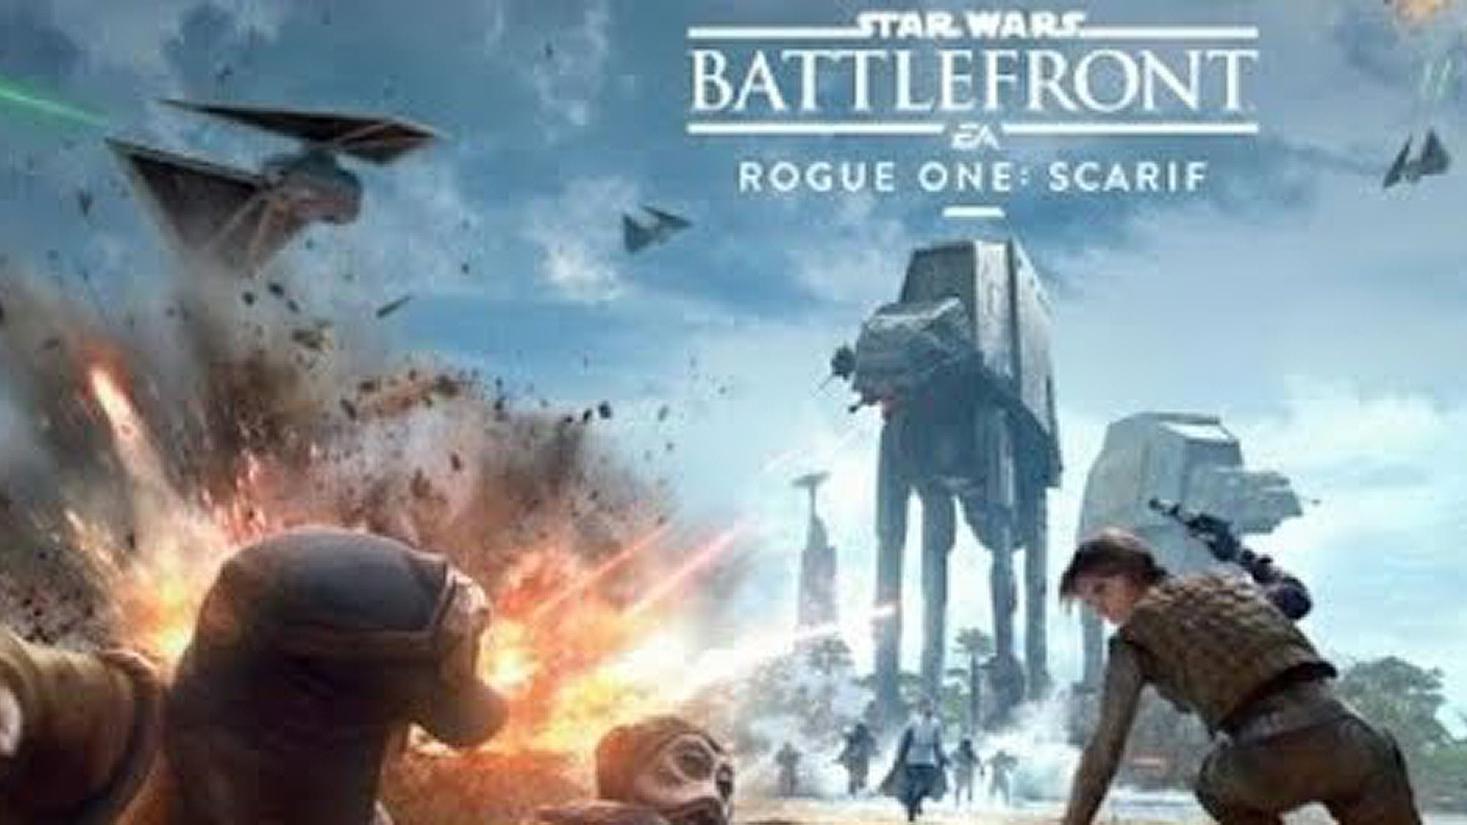 'Battlefront 2' live service is over